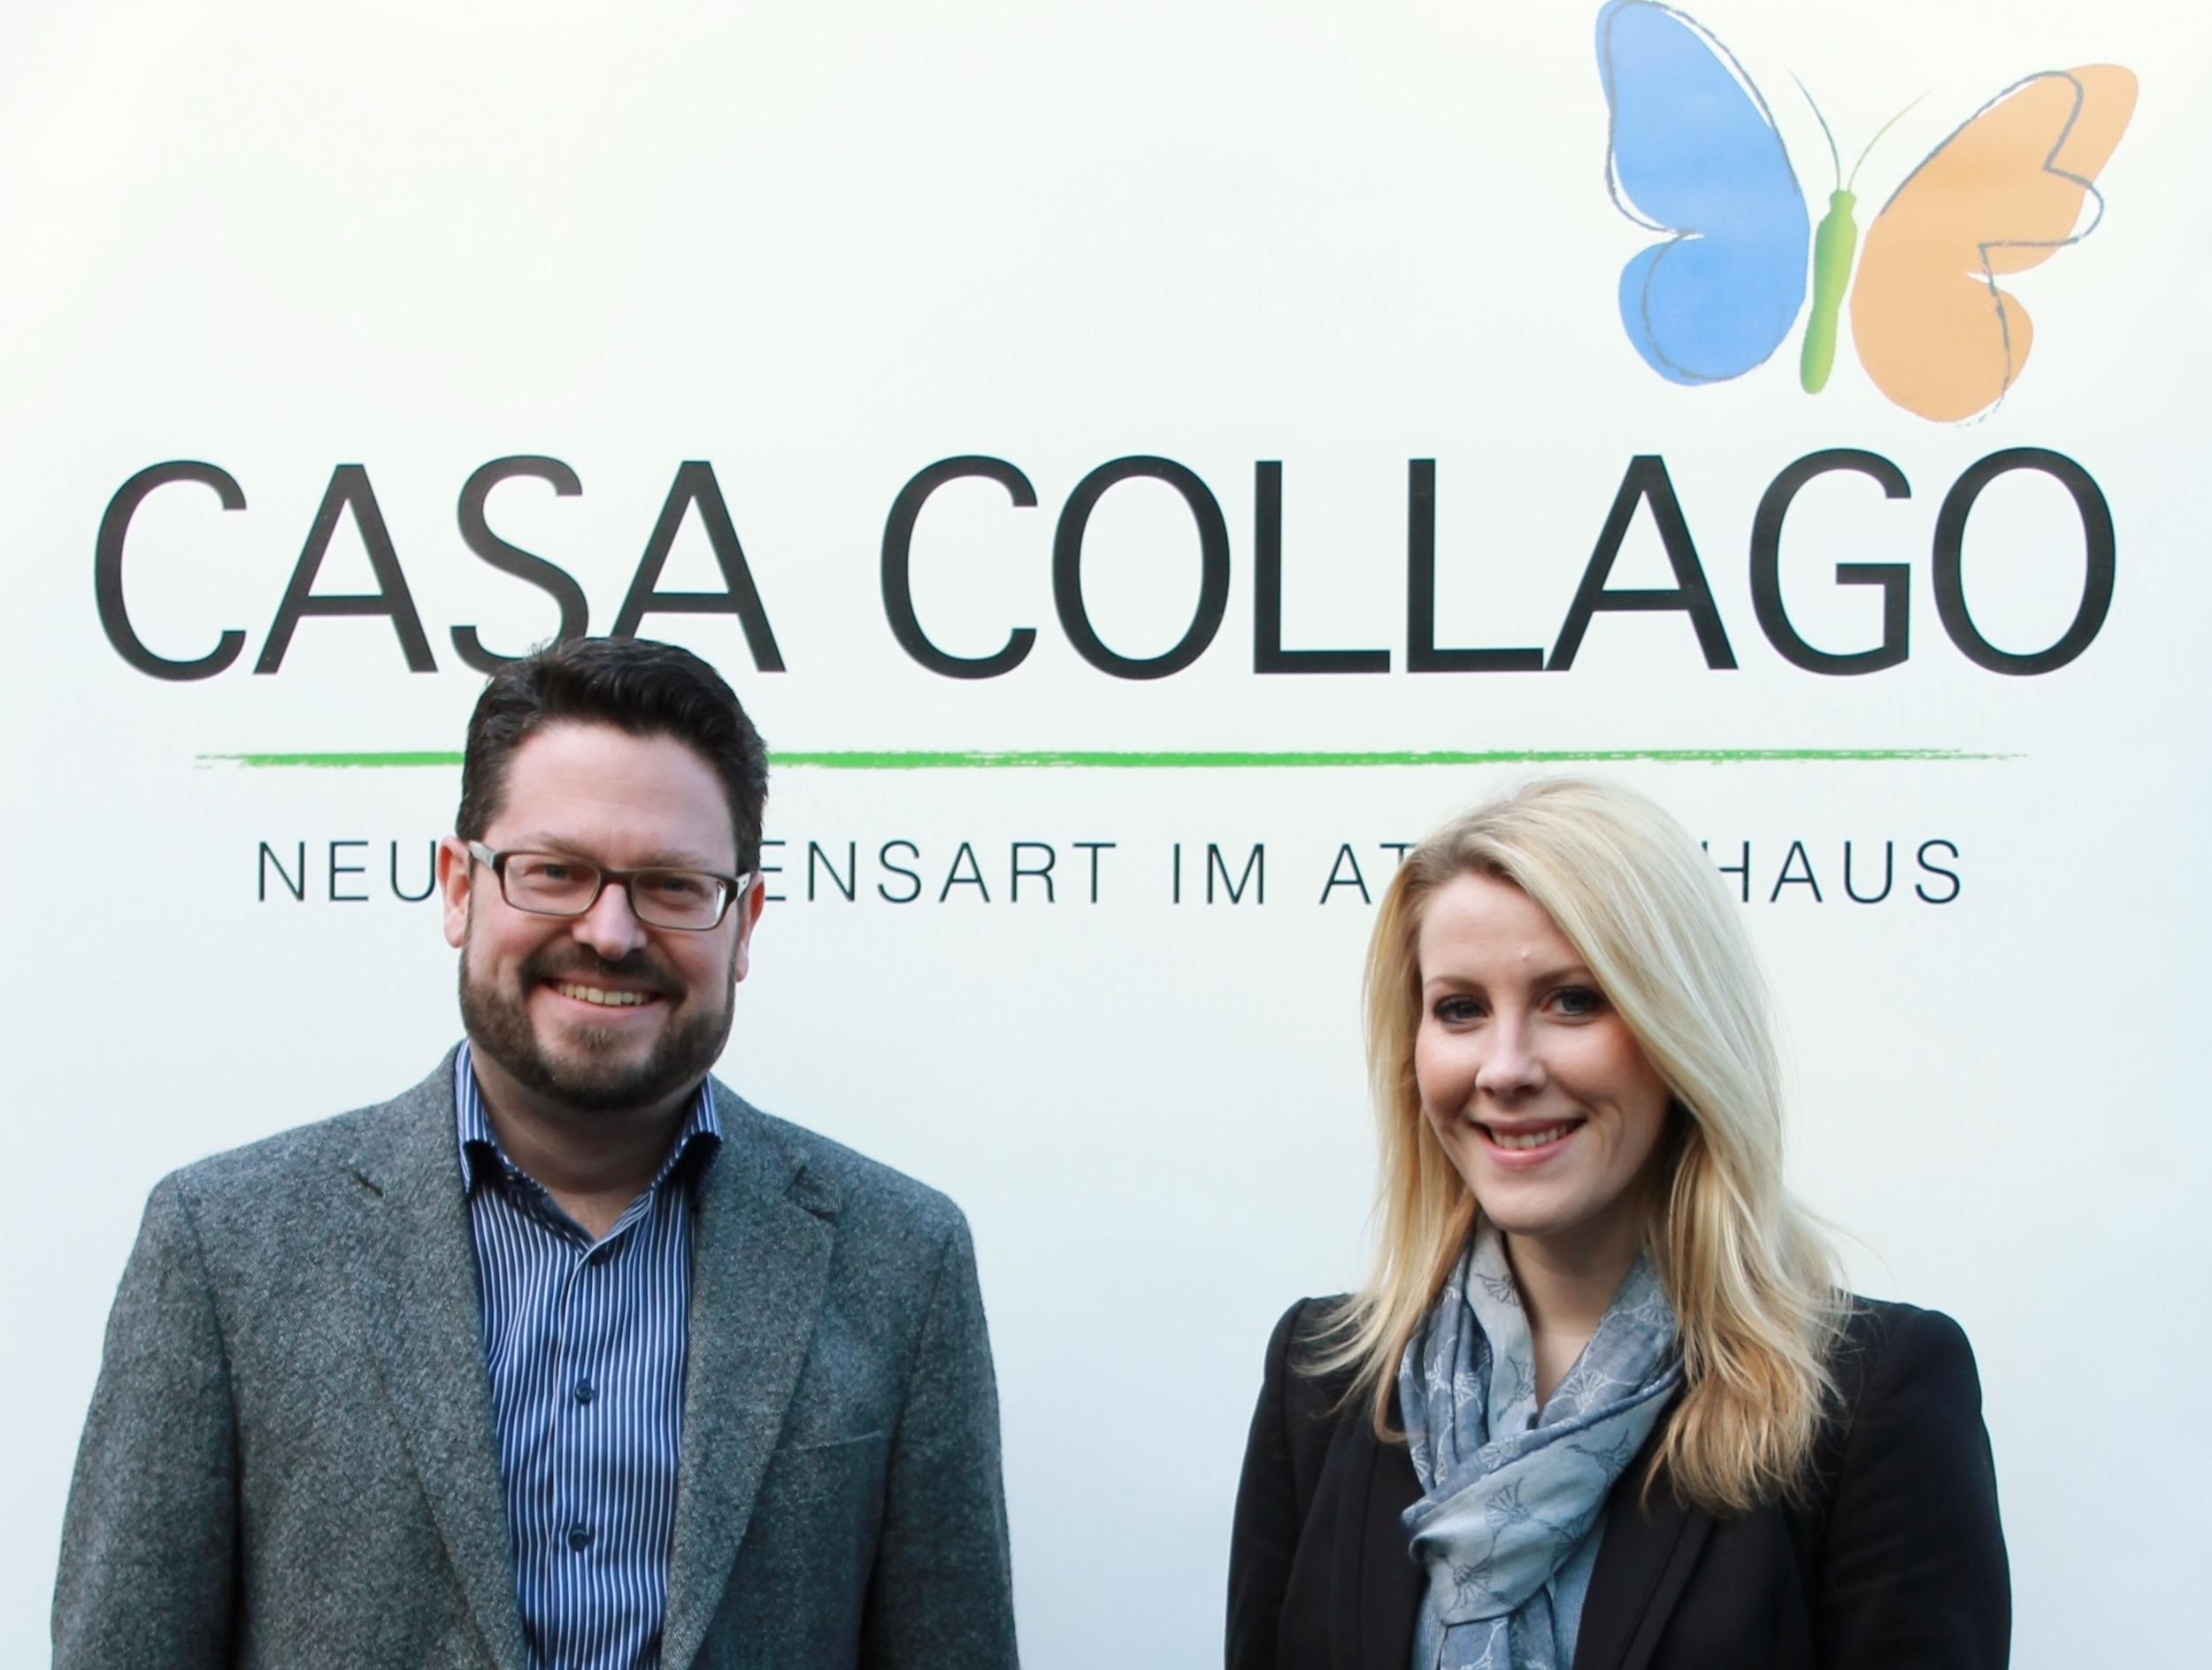 Frank Viseneber und Stephanie Schwank vom Maklerhaus Brand & Co. in Bad Oeynhausen